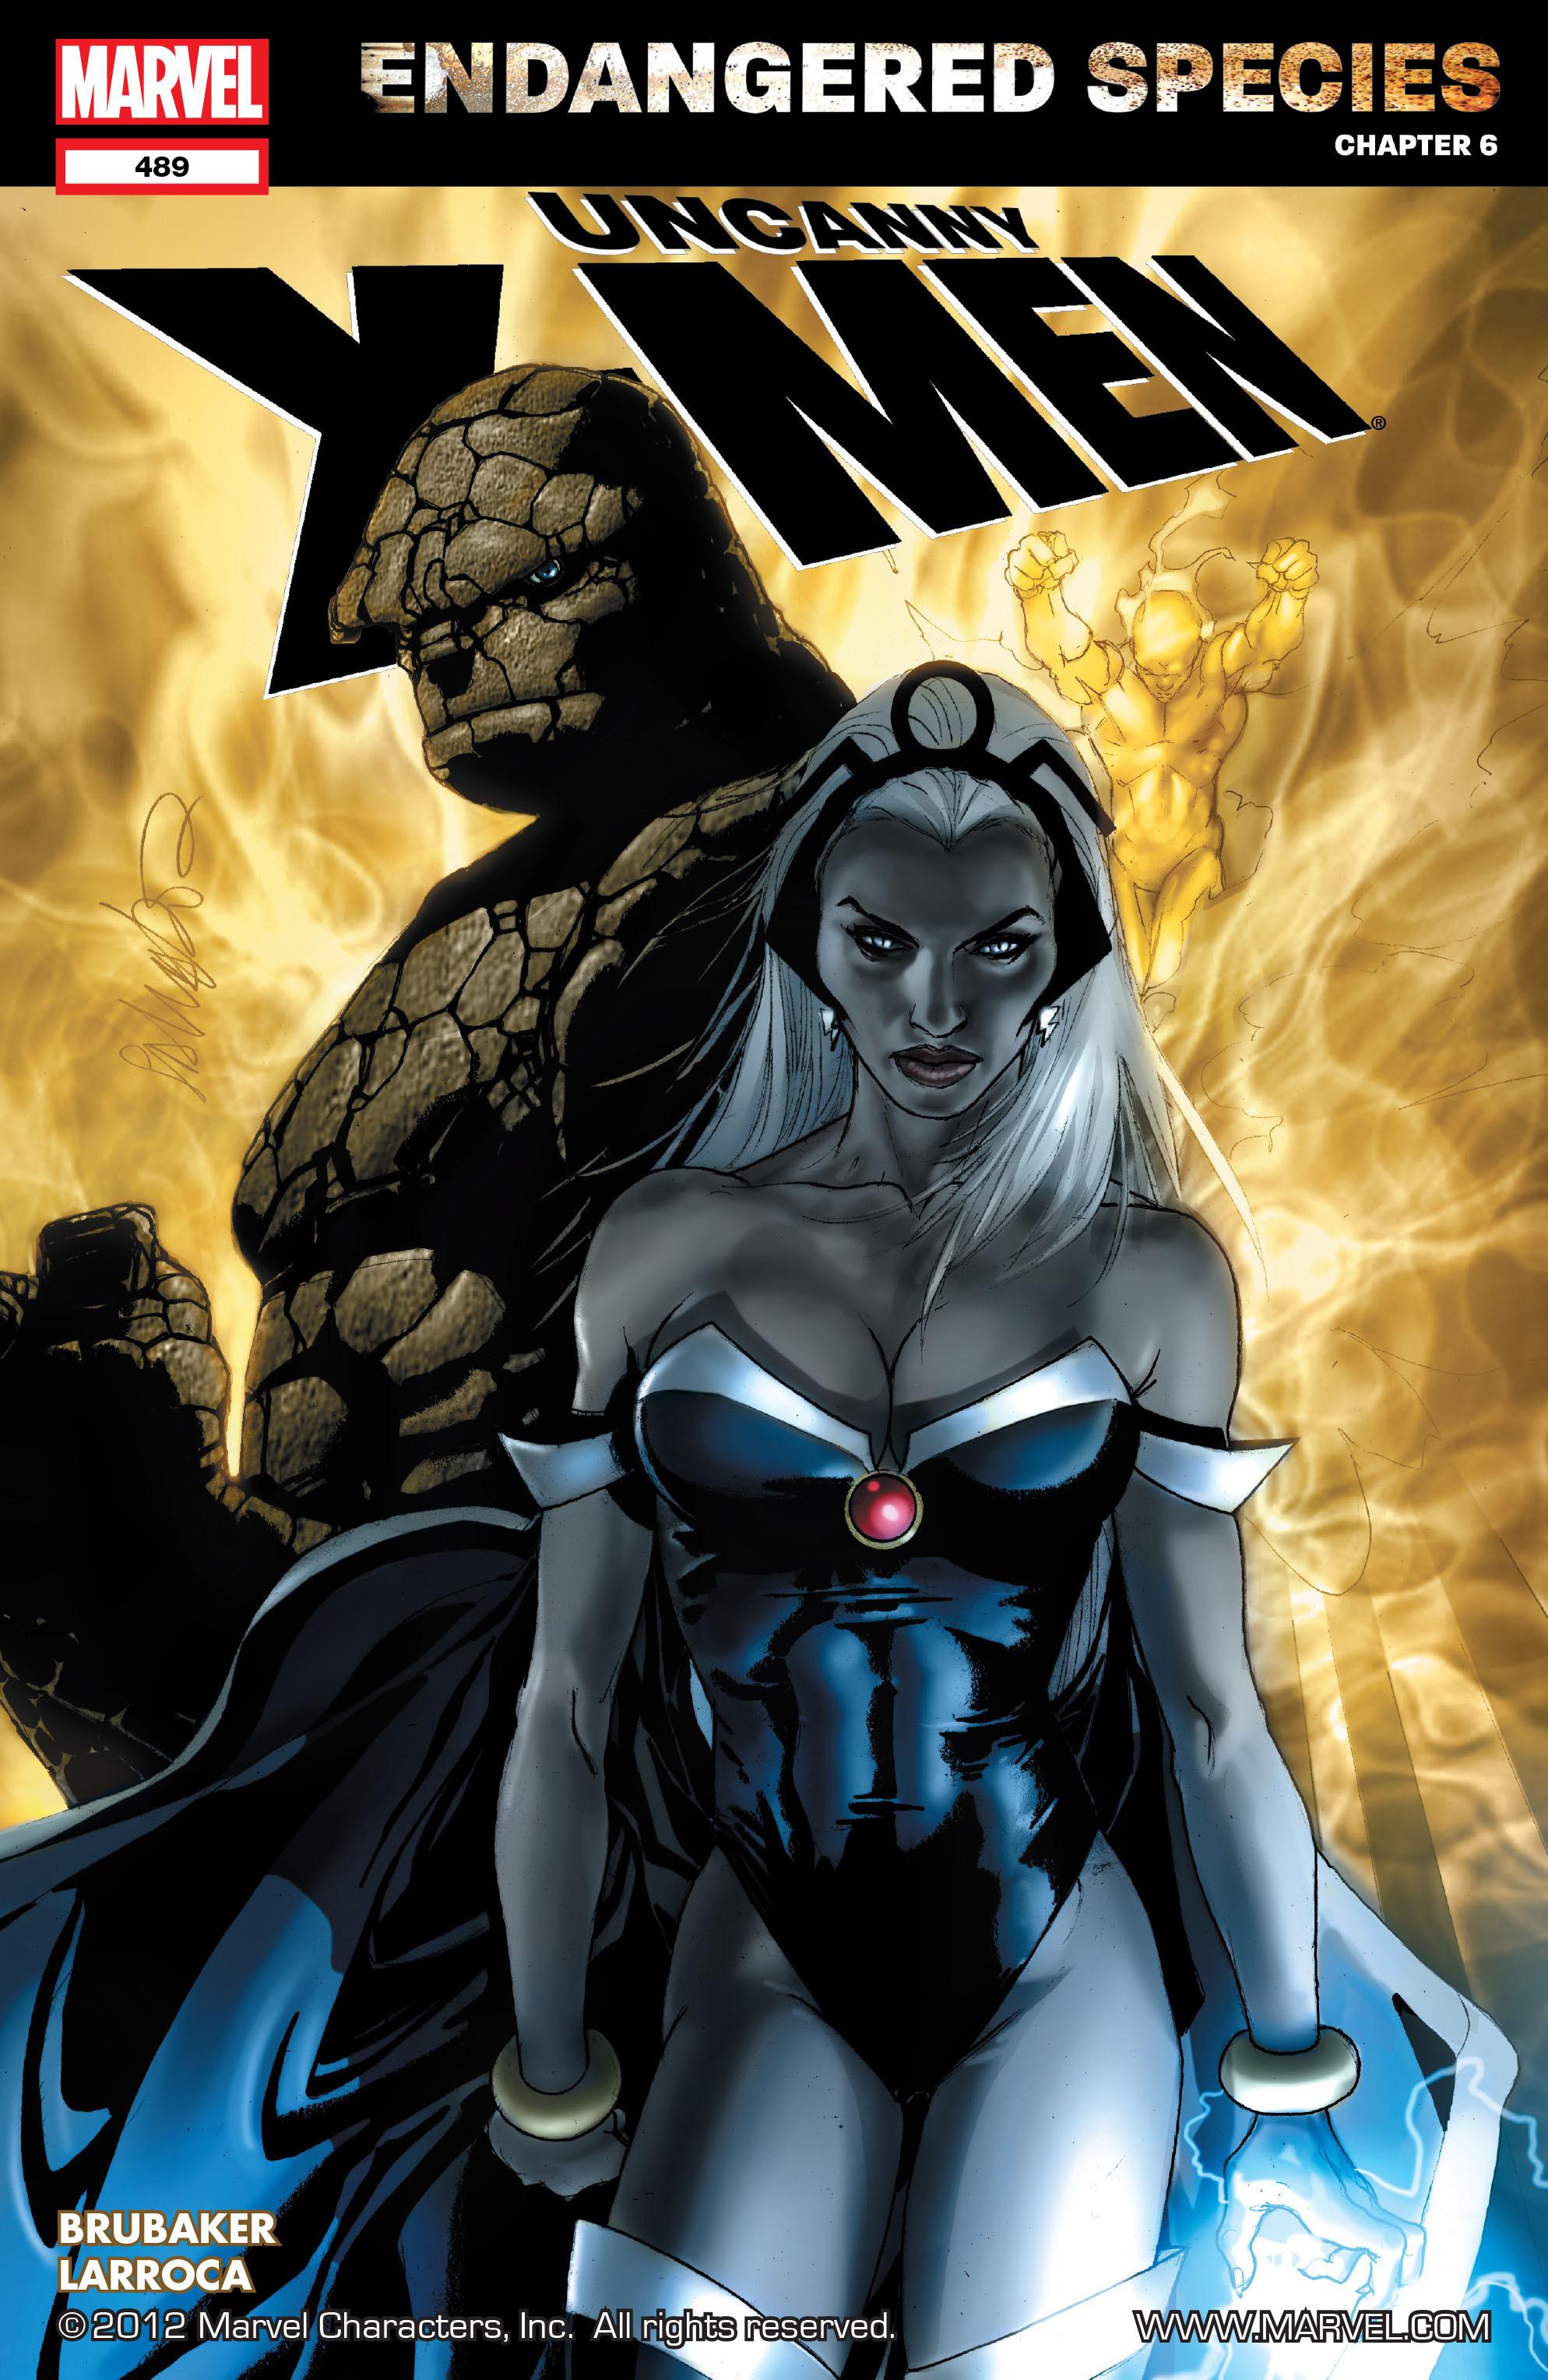 Read online Uncanny X-Men (1963) comic -  Issue #489 - 1